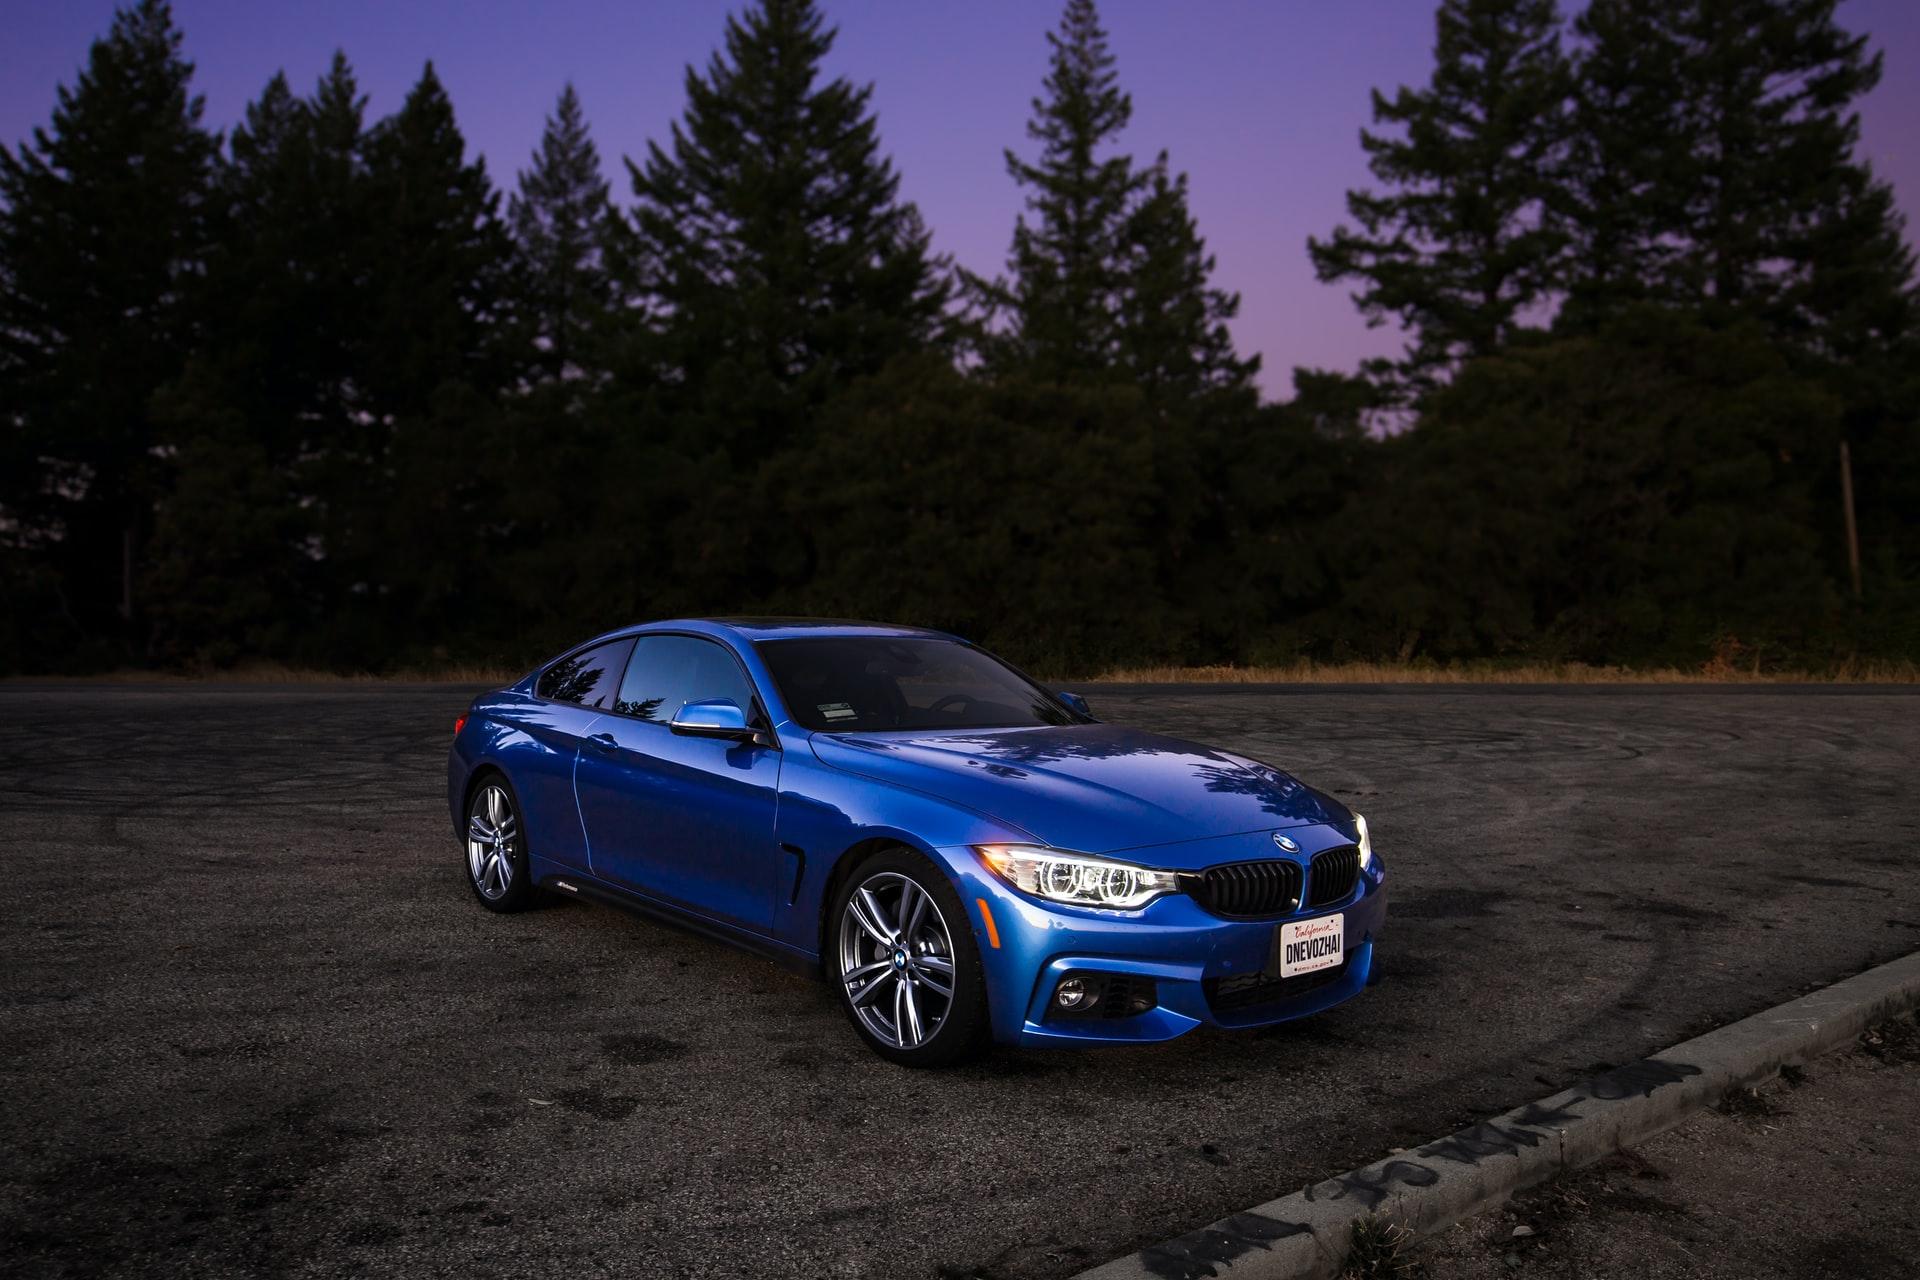 Prós e contras de comprar um carro BMW; saiba diferenciar os valores - Imagem 1